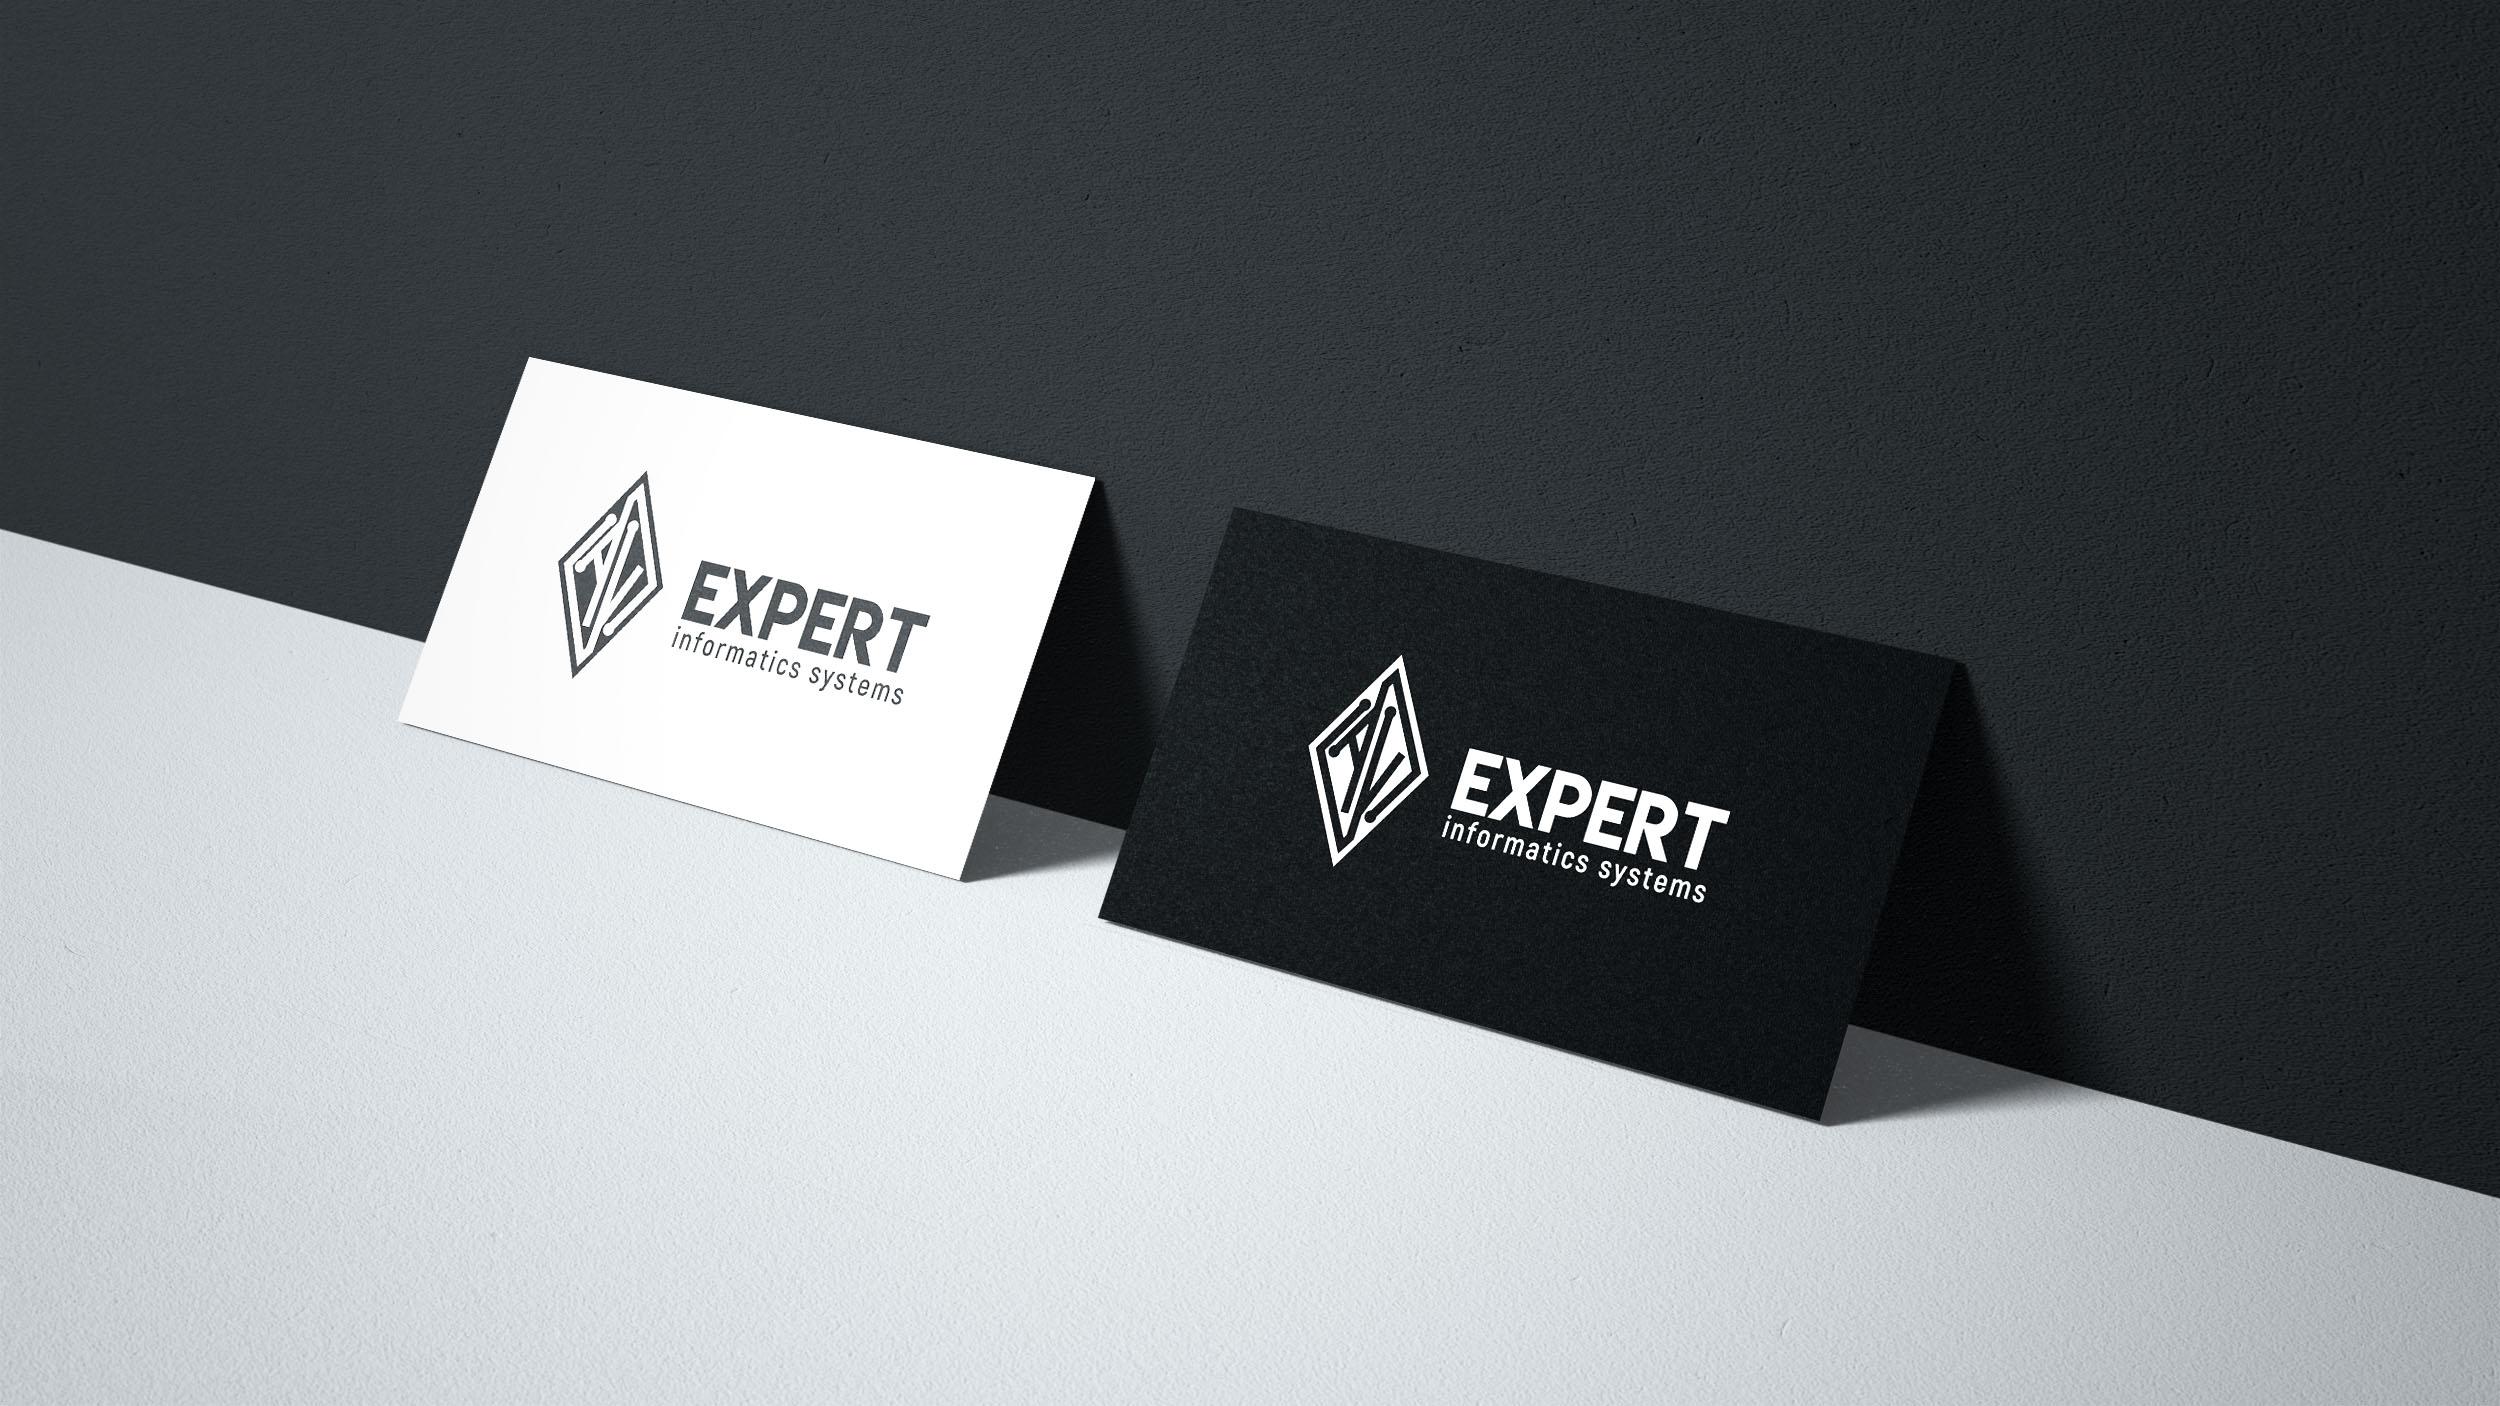 Создание логотипа, фирстиля фото f_8385c5e57e38d0cf.jpg